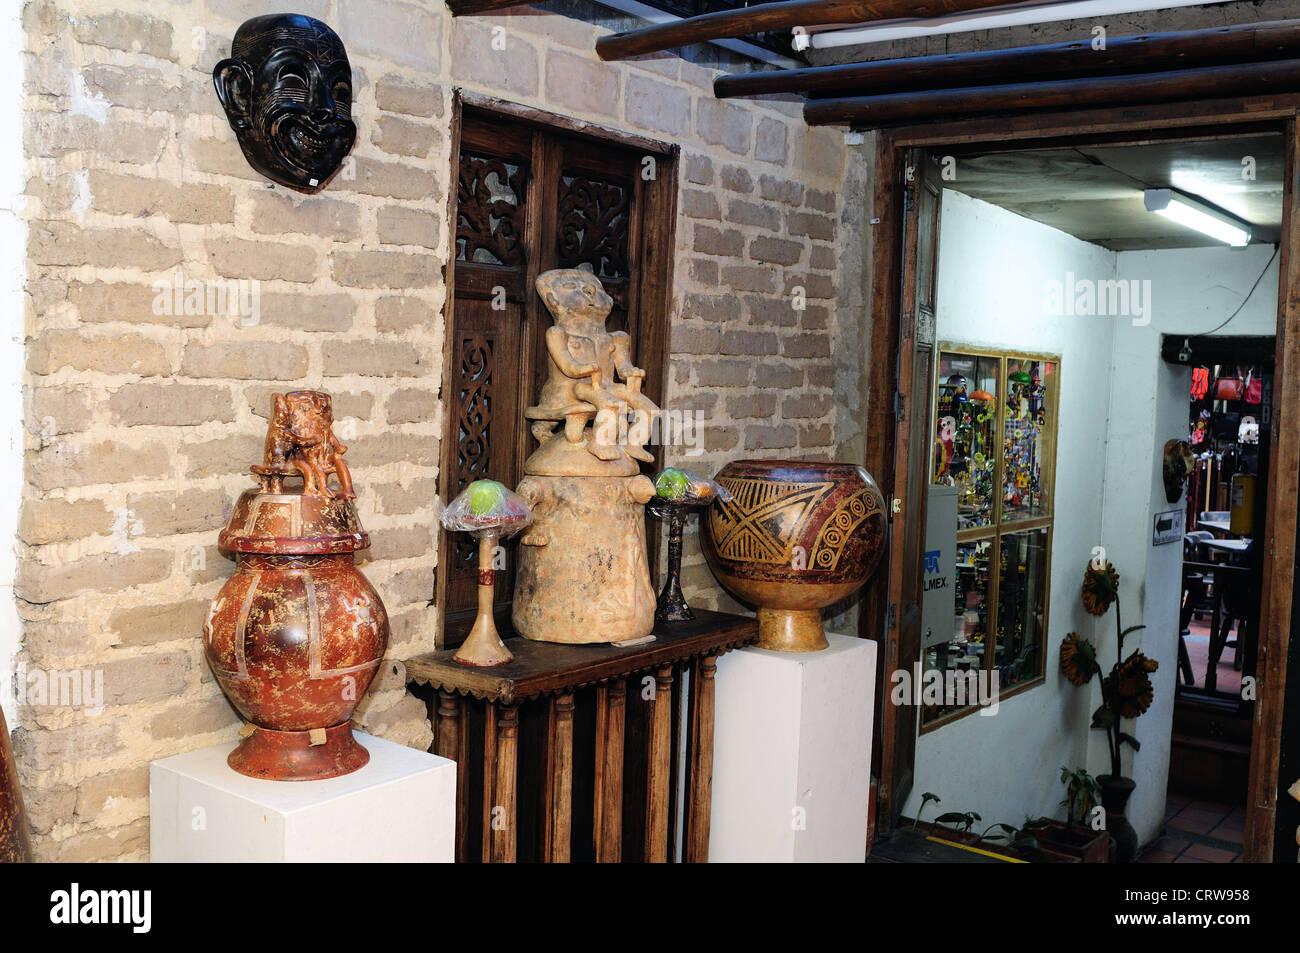 ' Hombres de Barro - La Casona del Museo ' in BOGOTA .Department of Cundimarca. COLOMBIA - Stock Image